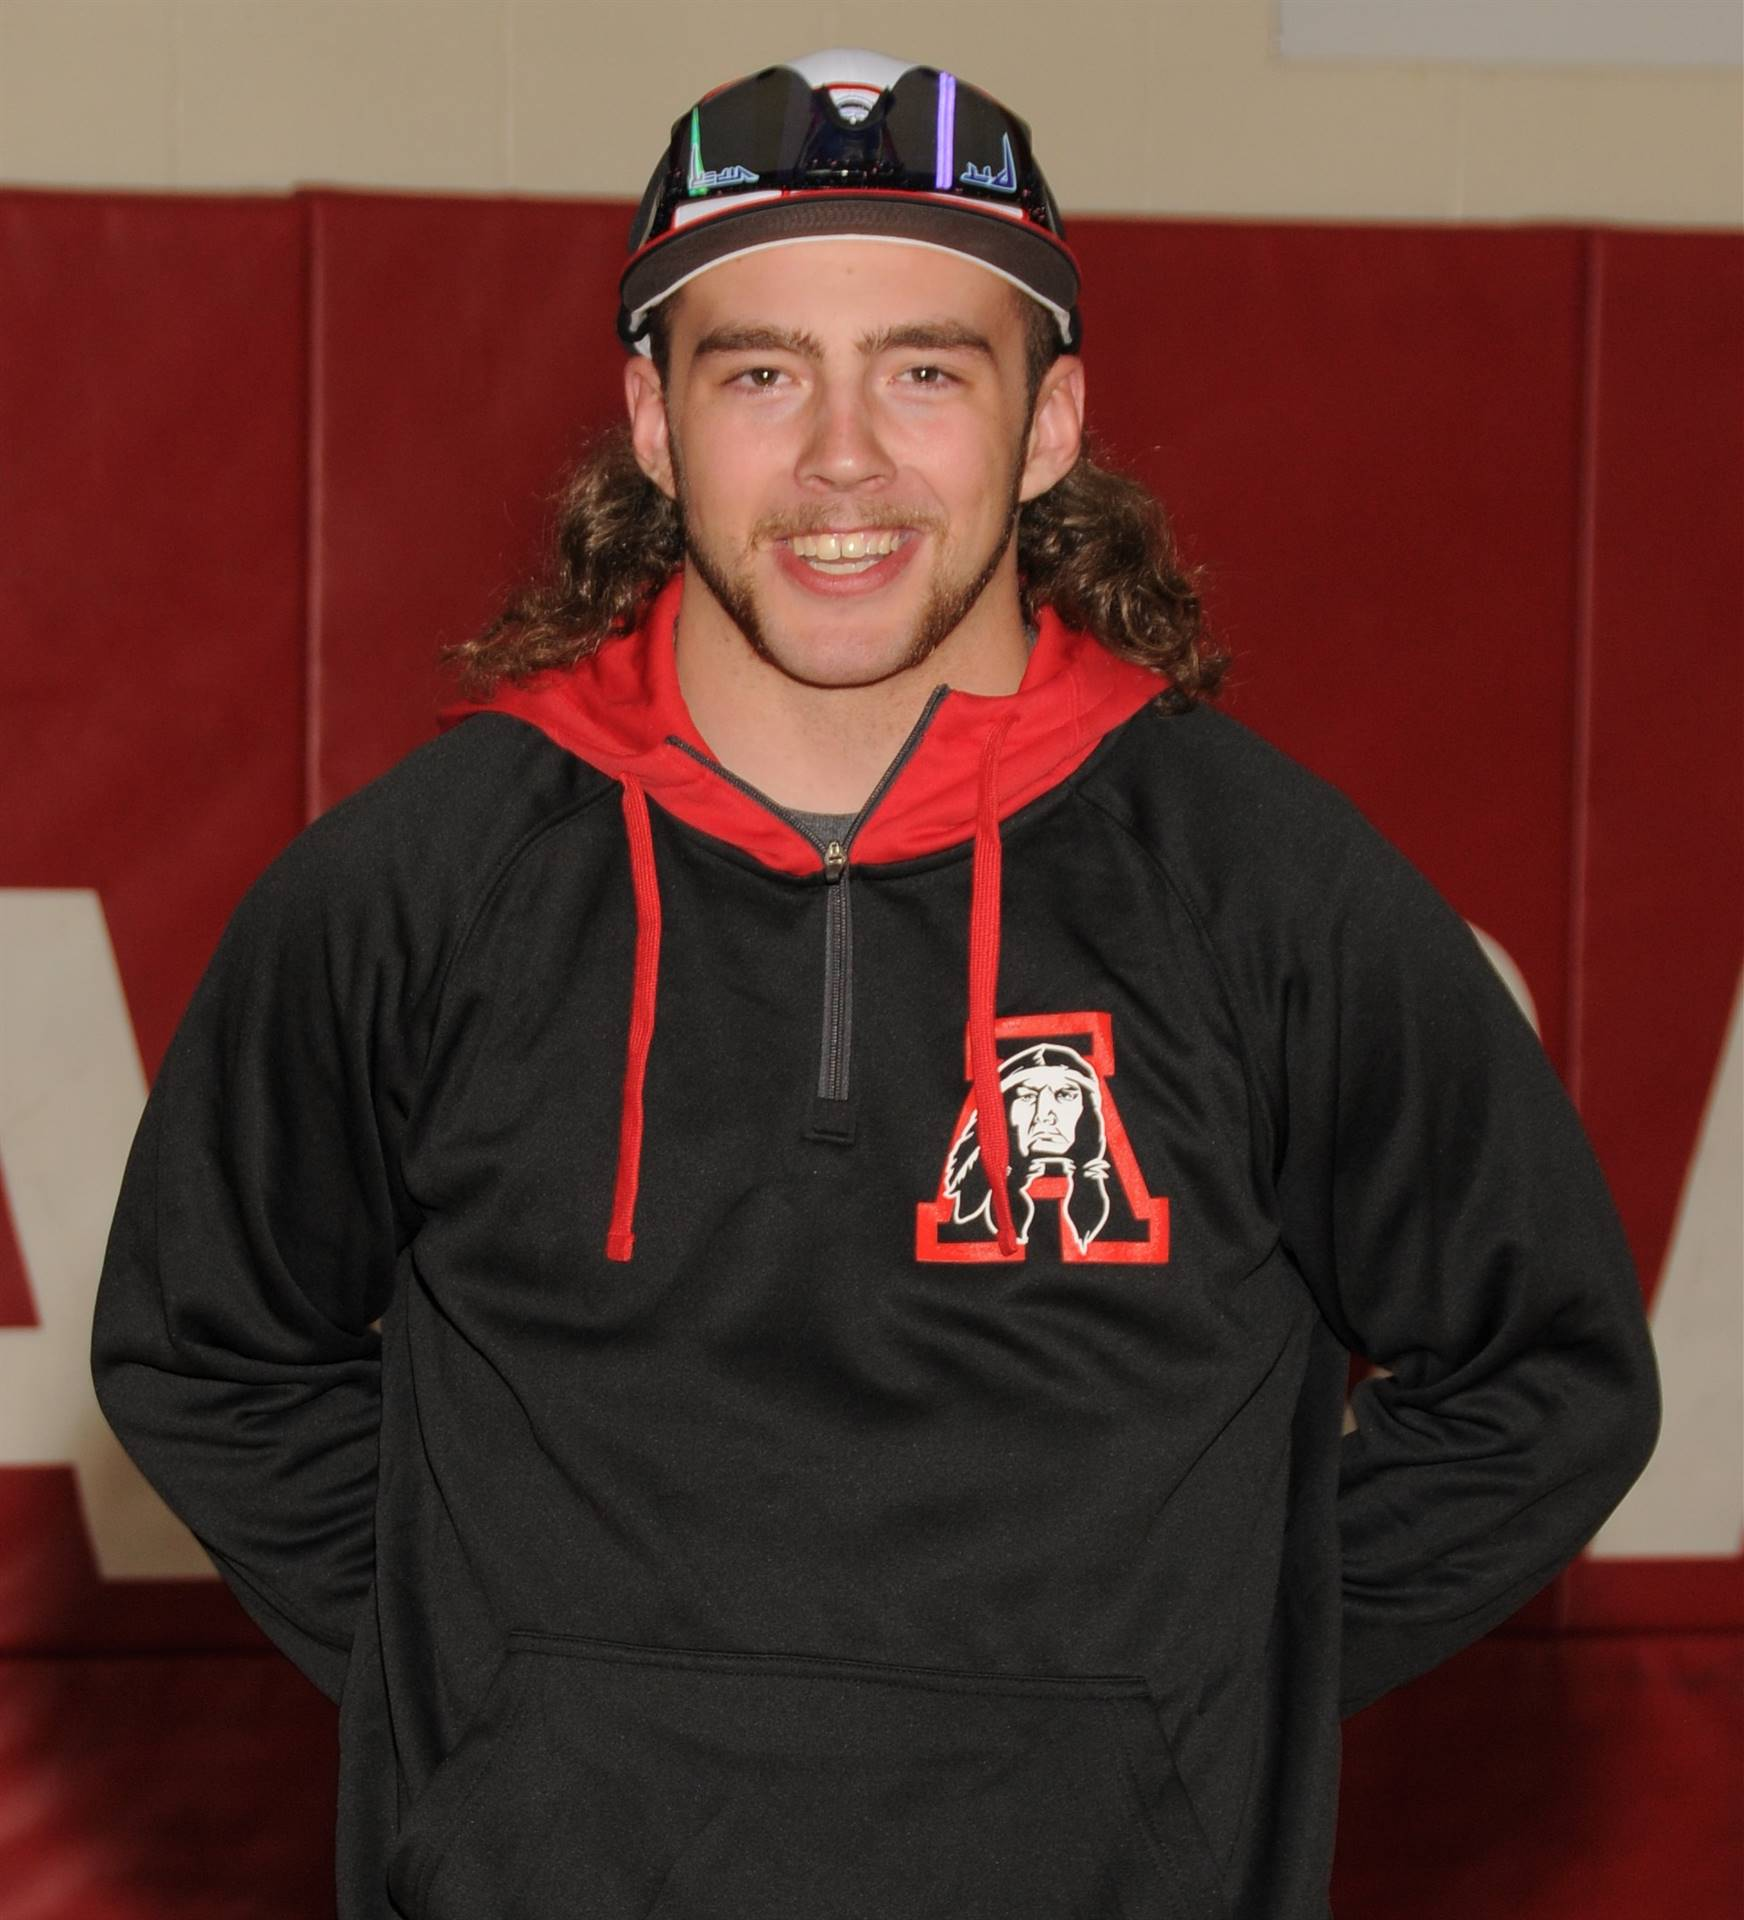 Ethan Smarr - Baseball